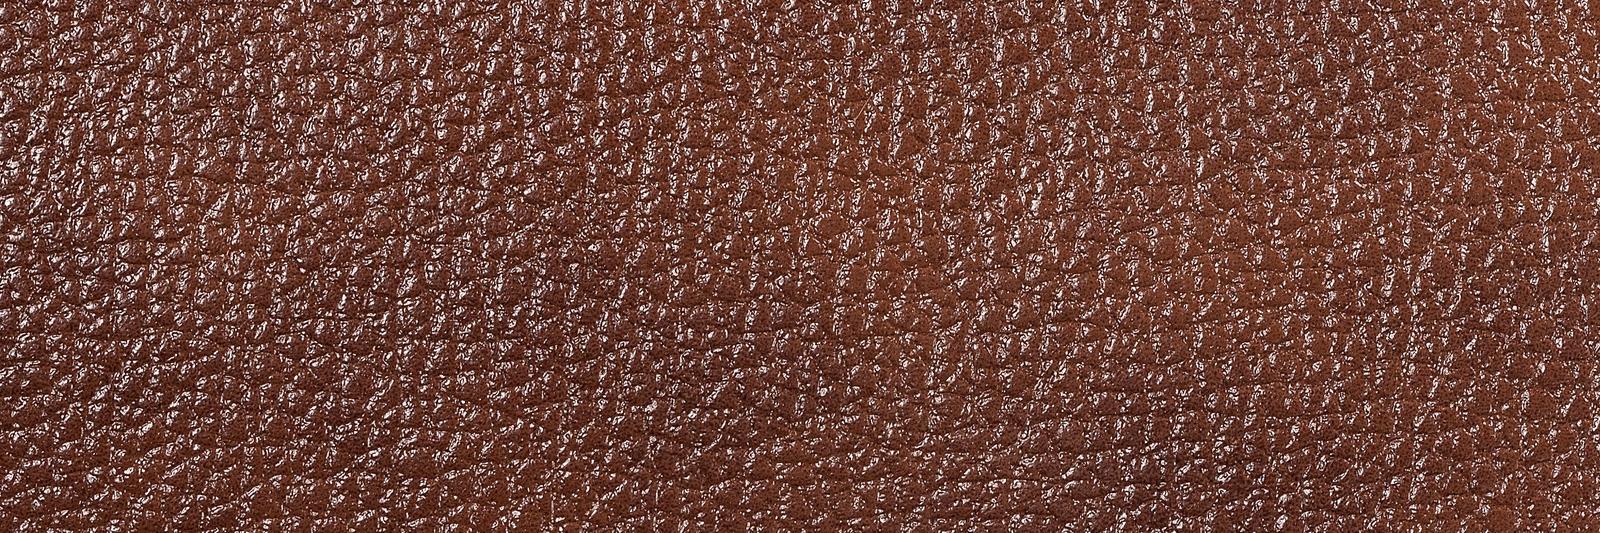 Диван кожаный угловой Эвита Коричневый (Натуральная кожа, левый) от HomeMe.ru